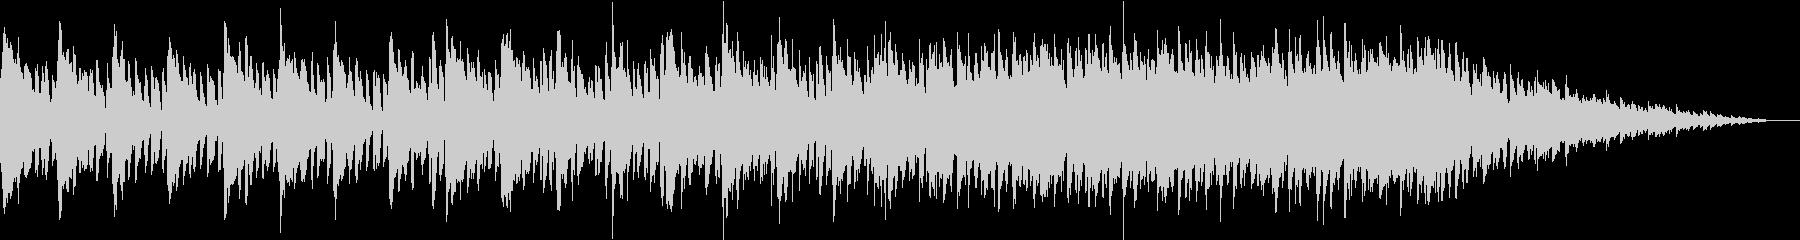 2<Aギター生演奏>はじまりの合図の未再生の波形